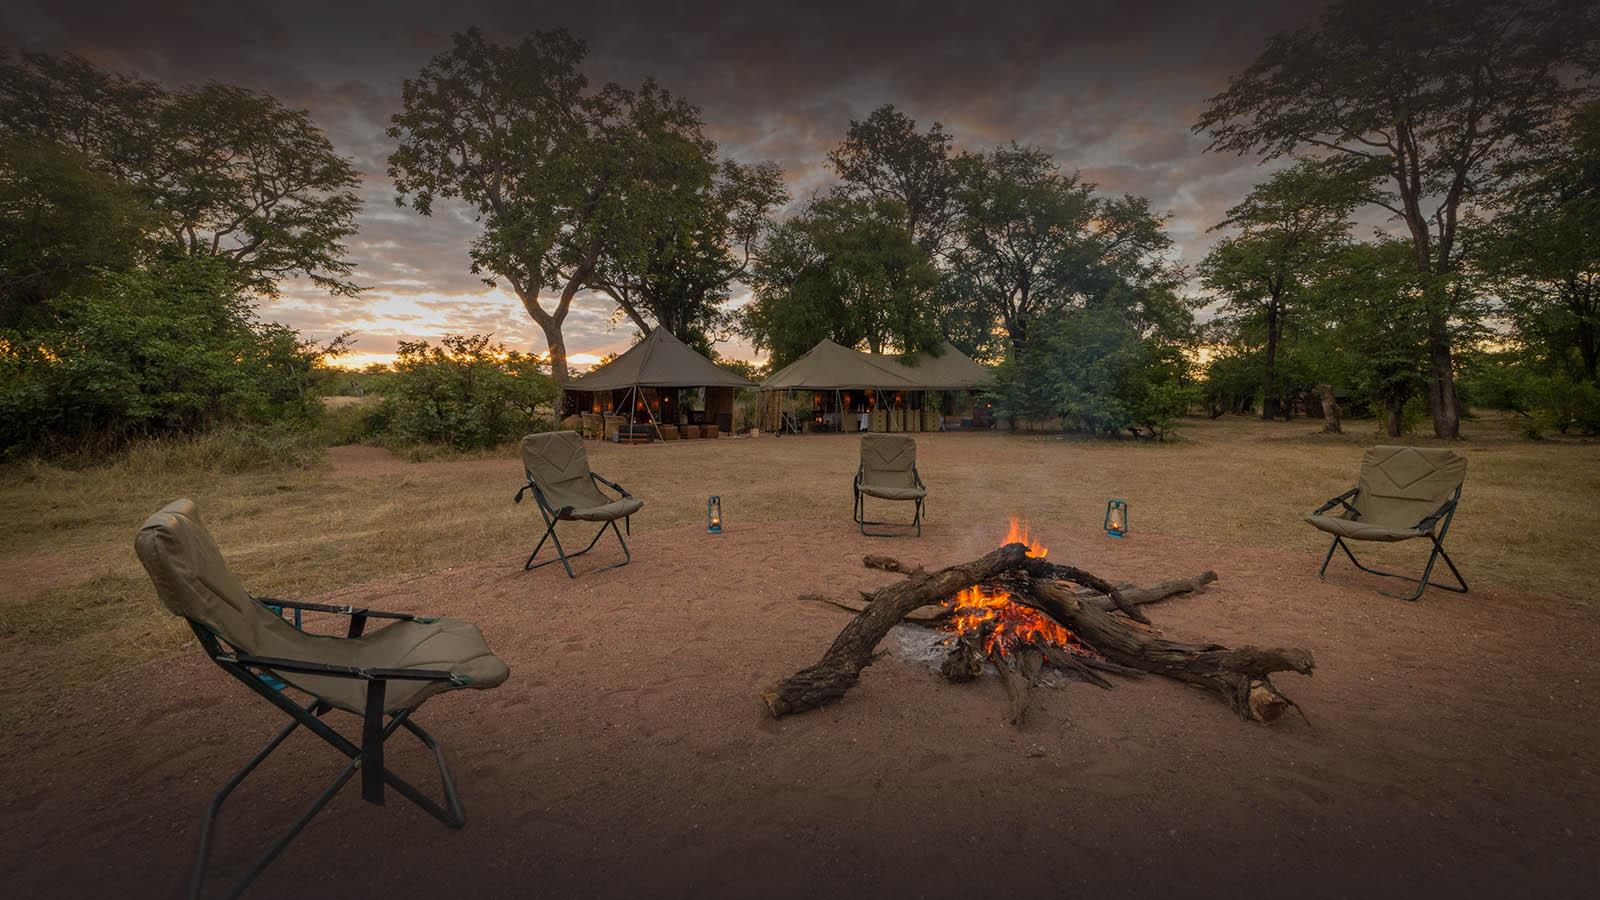 hwange bush camp hwange-national-park-zimbabwe-lodges-accommodation-authentic-camps-fire